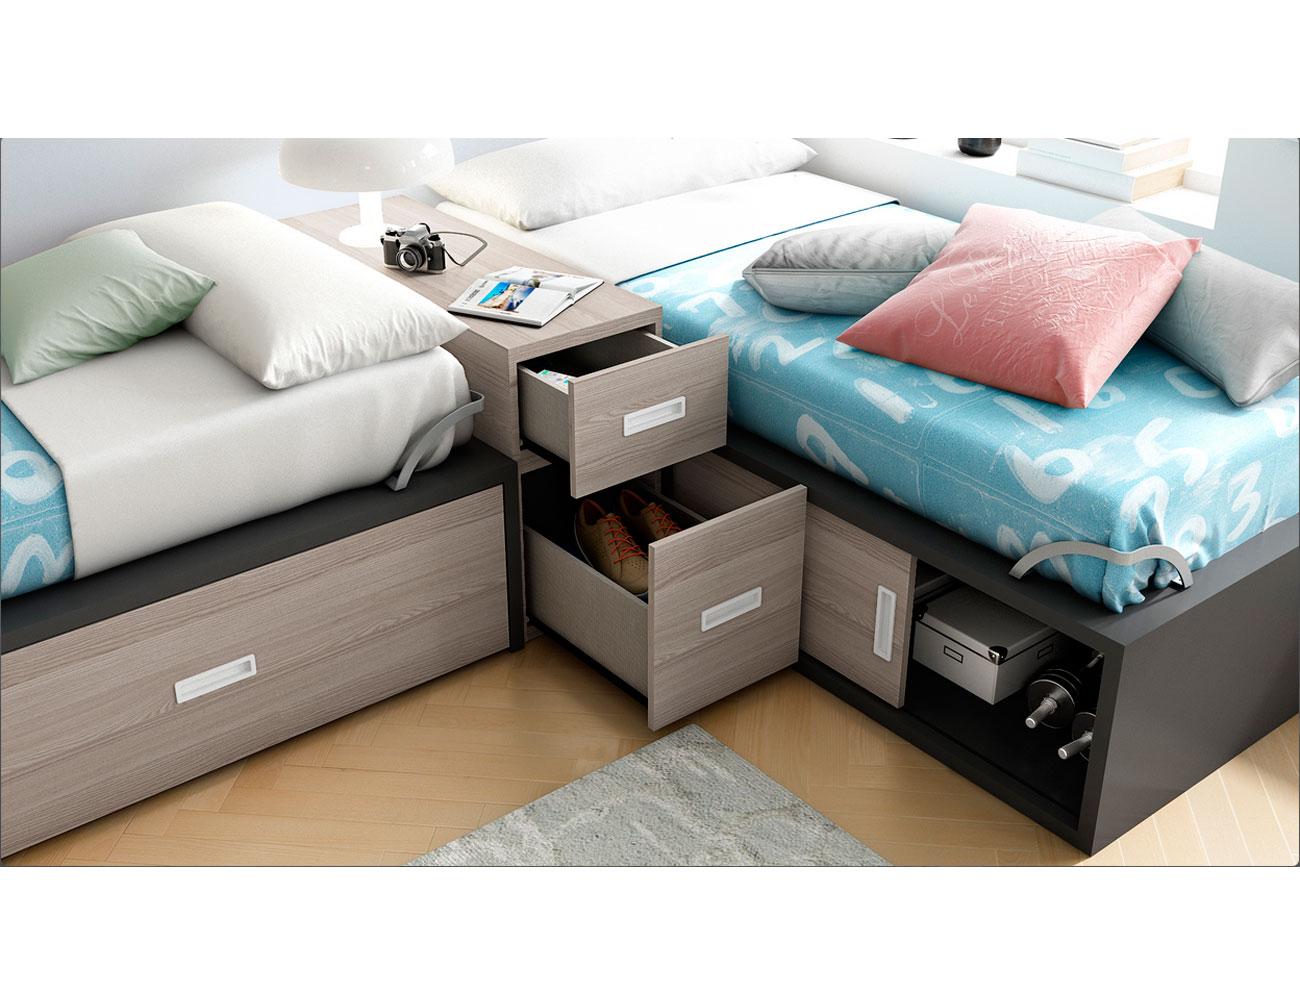 Dormitorio juvenil con dos cama nido dispuestas en l 13089 factory del mueble utrera - Muebles utrera ...